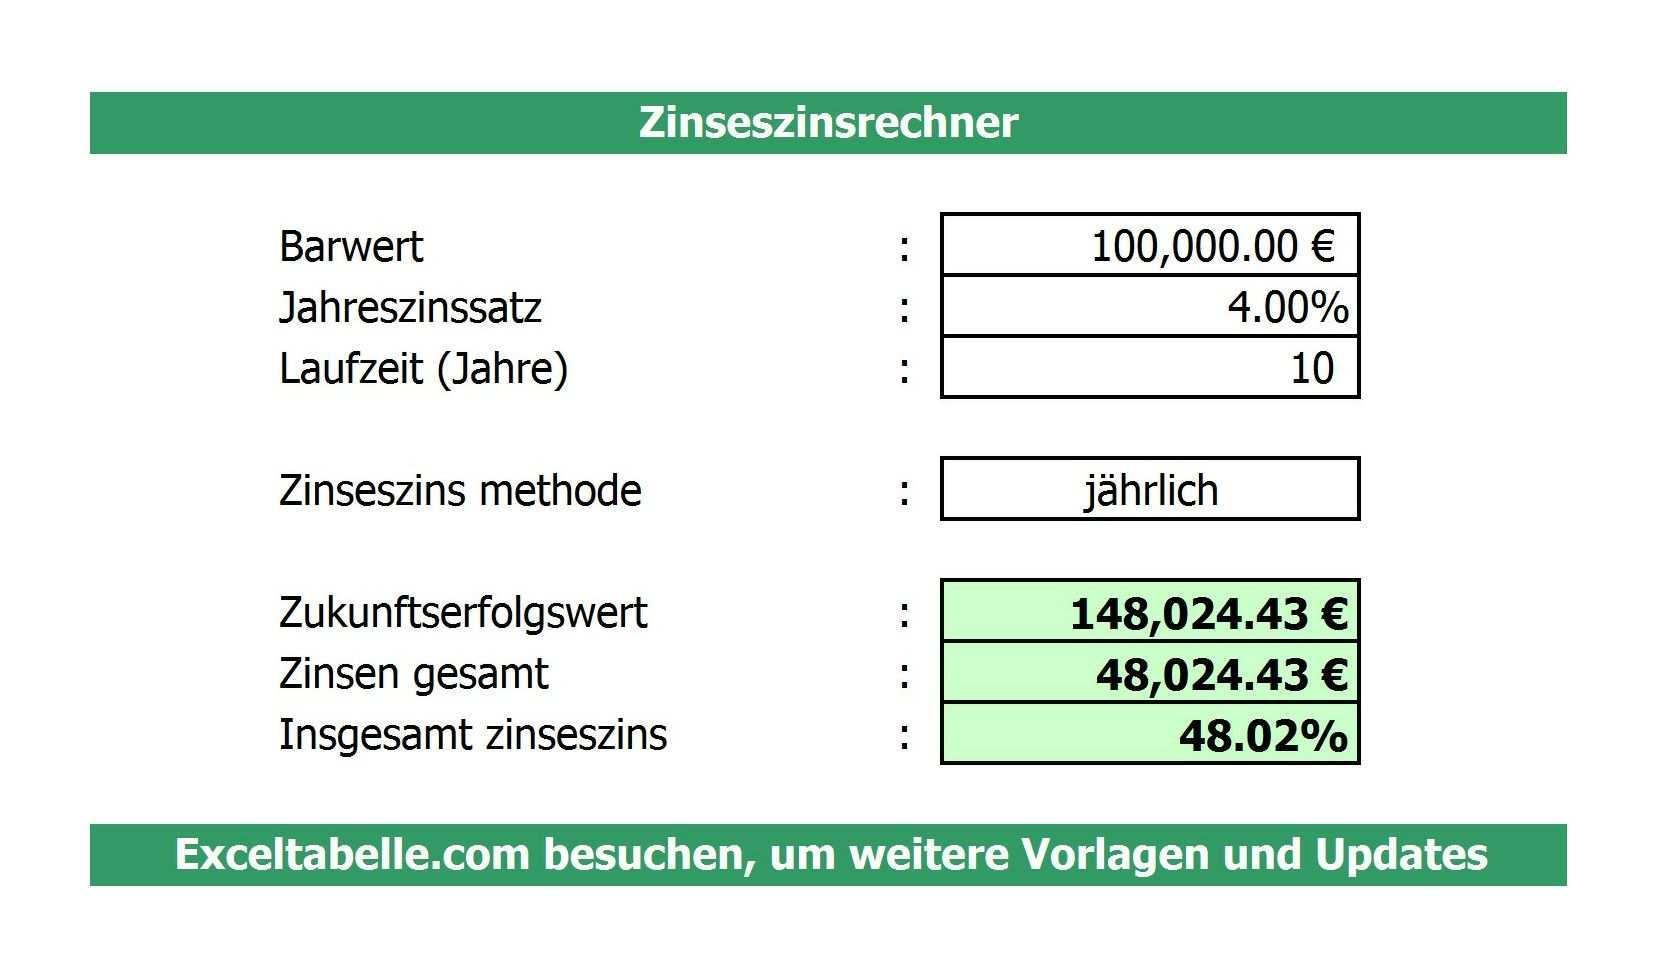 Zinseszinsrechner